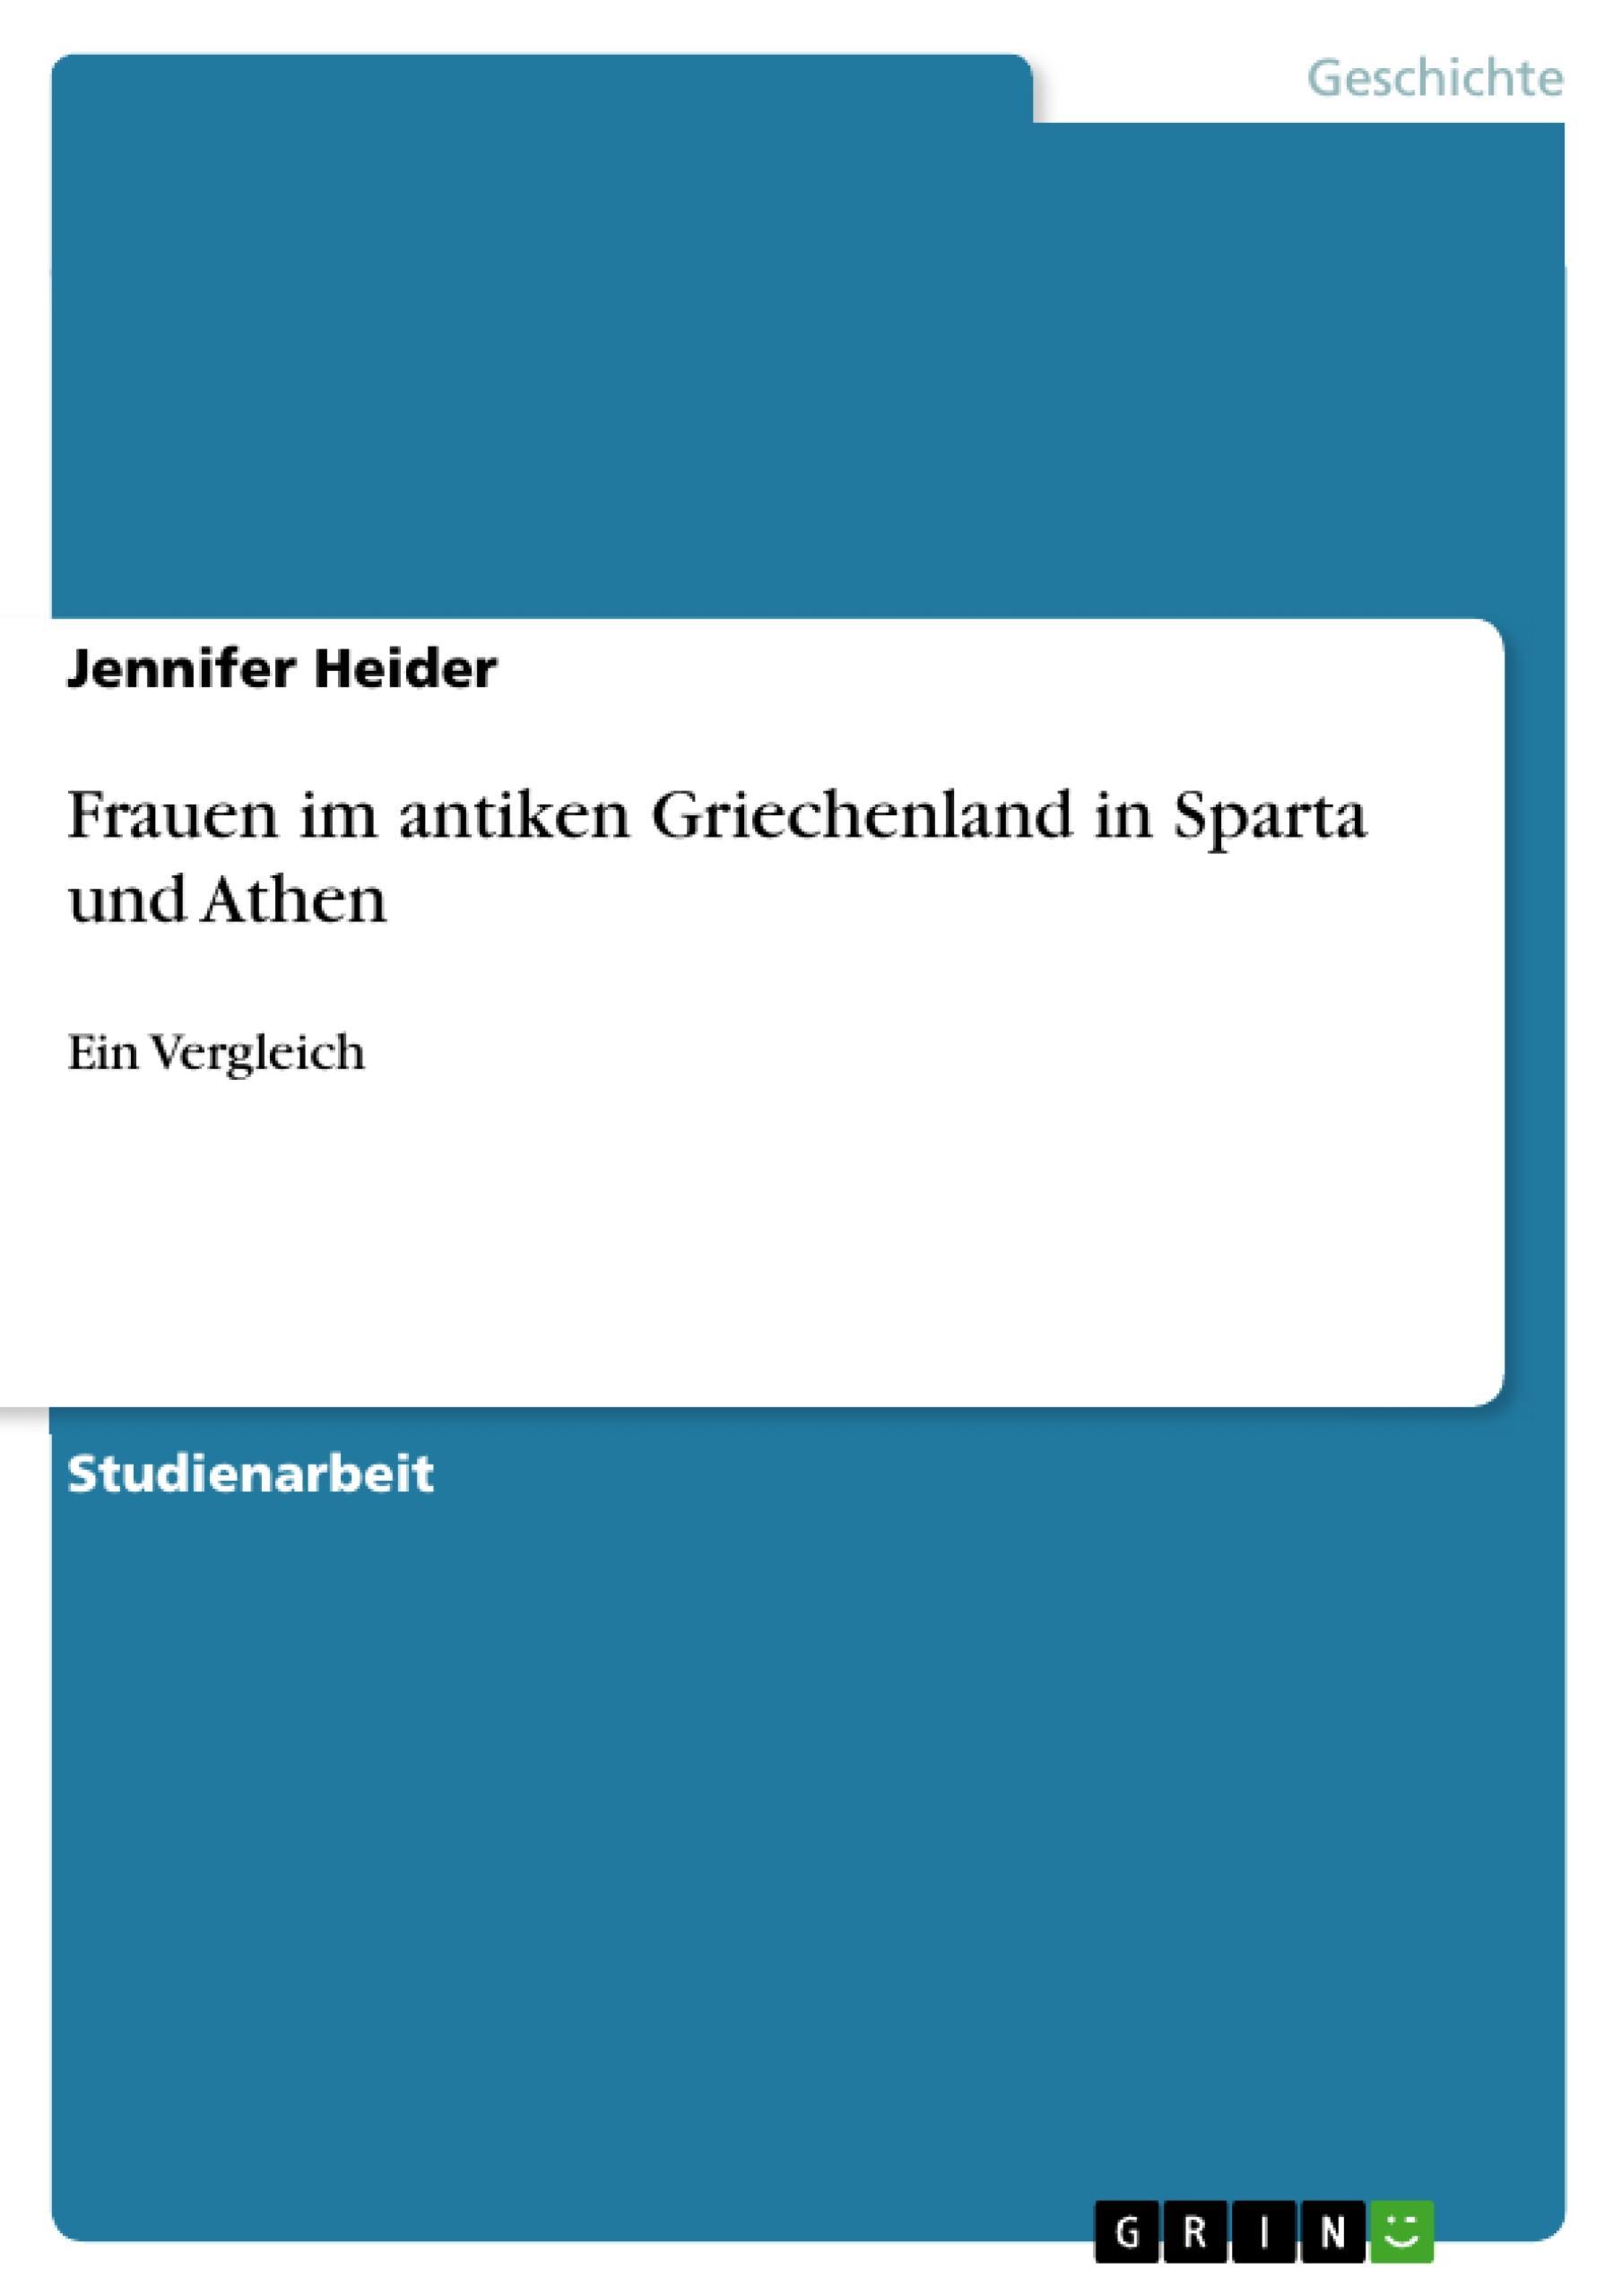 Frauen im antiken Griechenland in Sparta und Athen  Ein Vergleich  Jennifer Heider  Taschenbuch  Booklet  Deutsch  2011